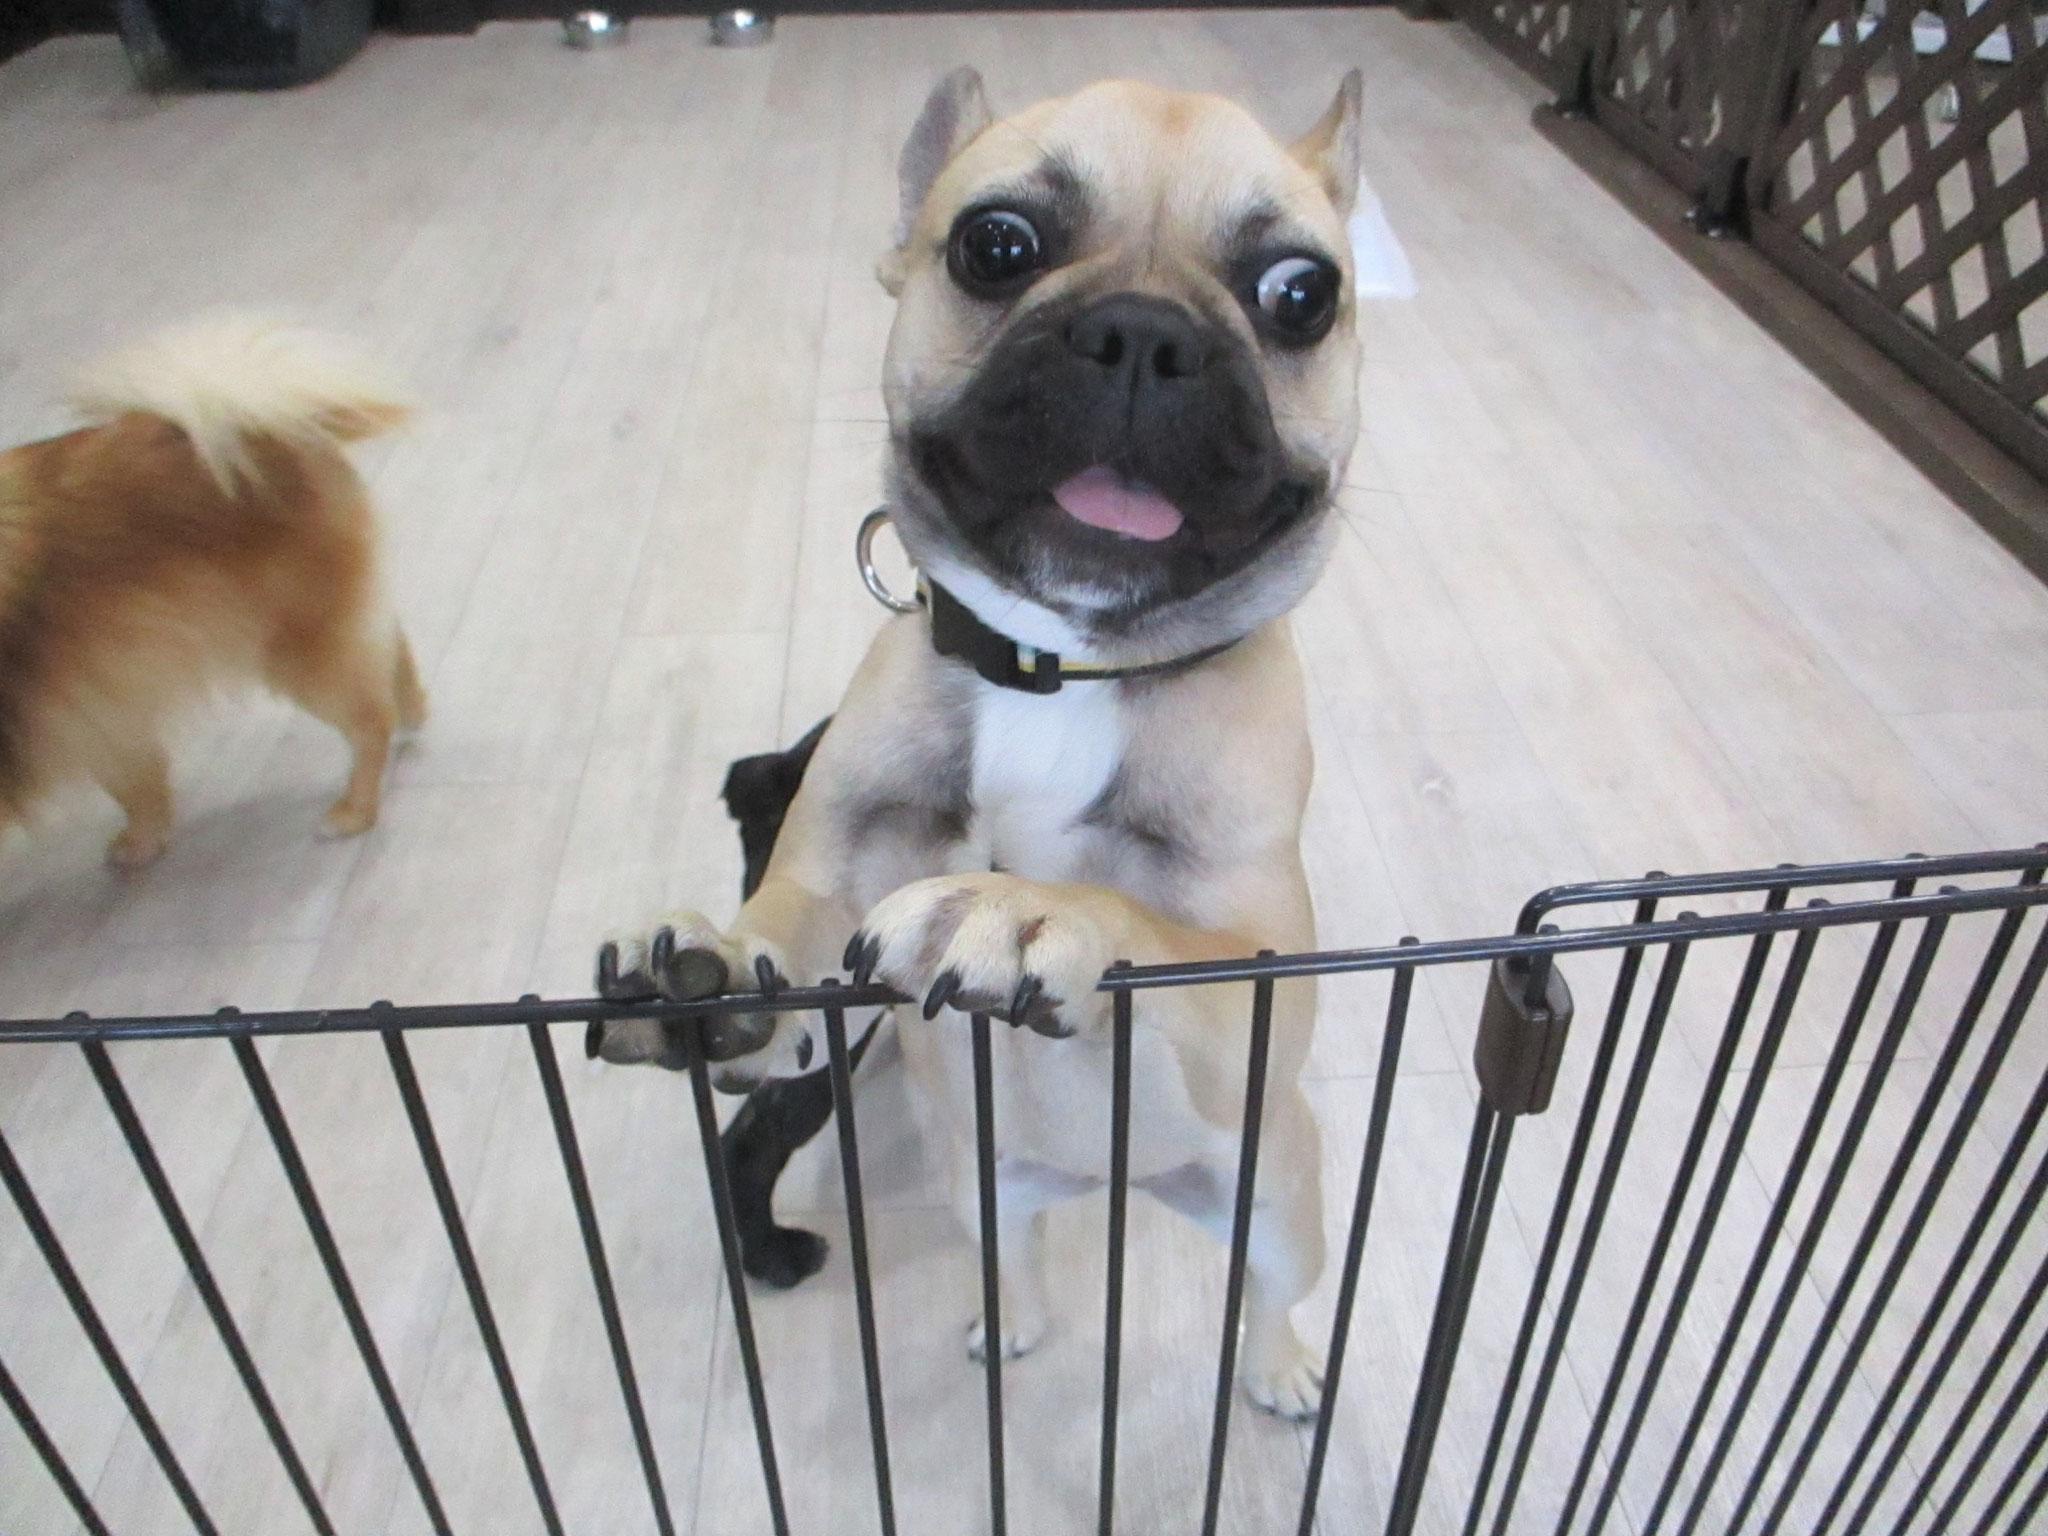 あんずちゃん・犬の保育園Baby・犬・犬のしつけ・犬の社会化・習志野市・八千代市・船橋市